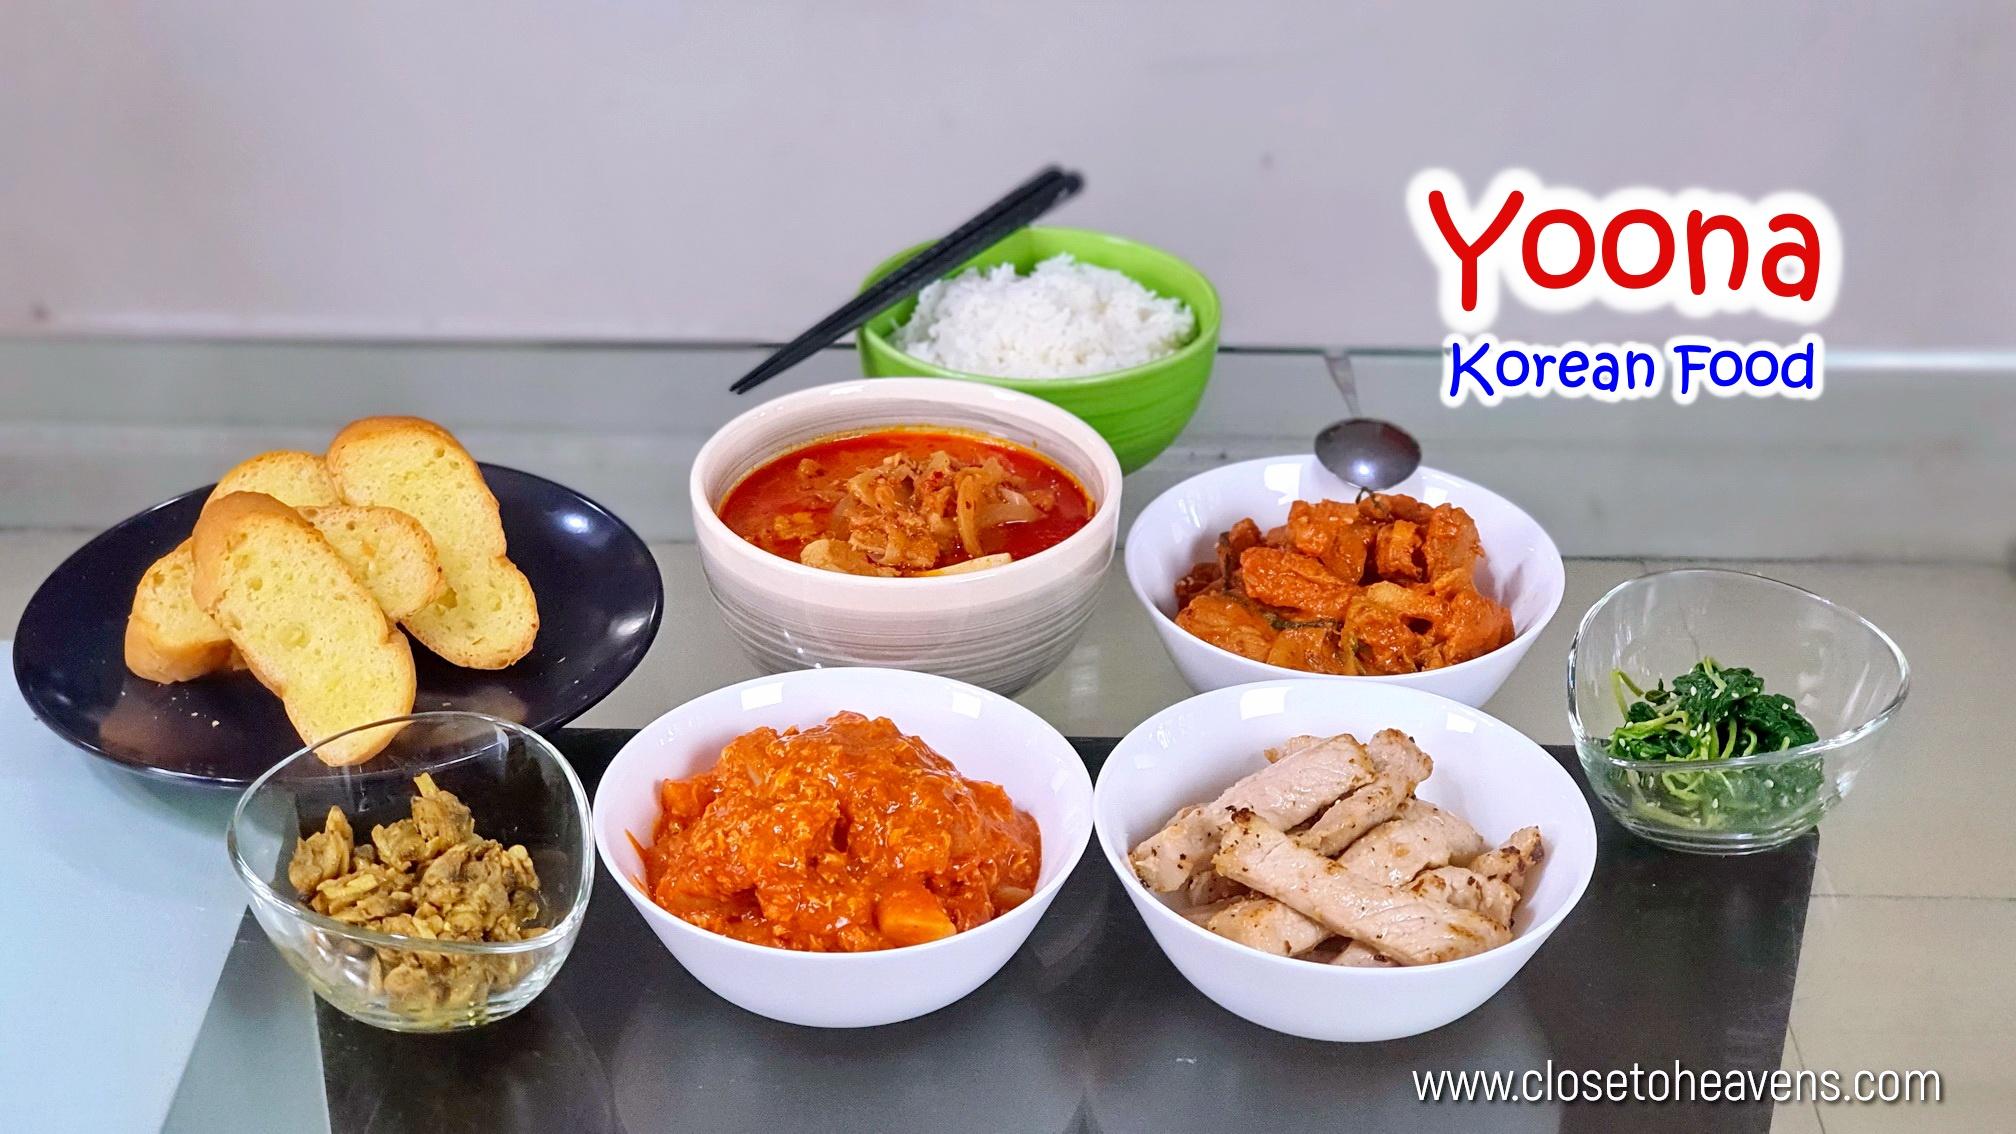 Yoona Korean Food ร้านอาหารเกาหลี ยูนะ